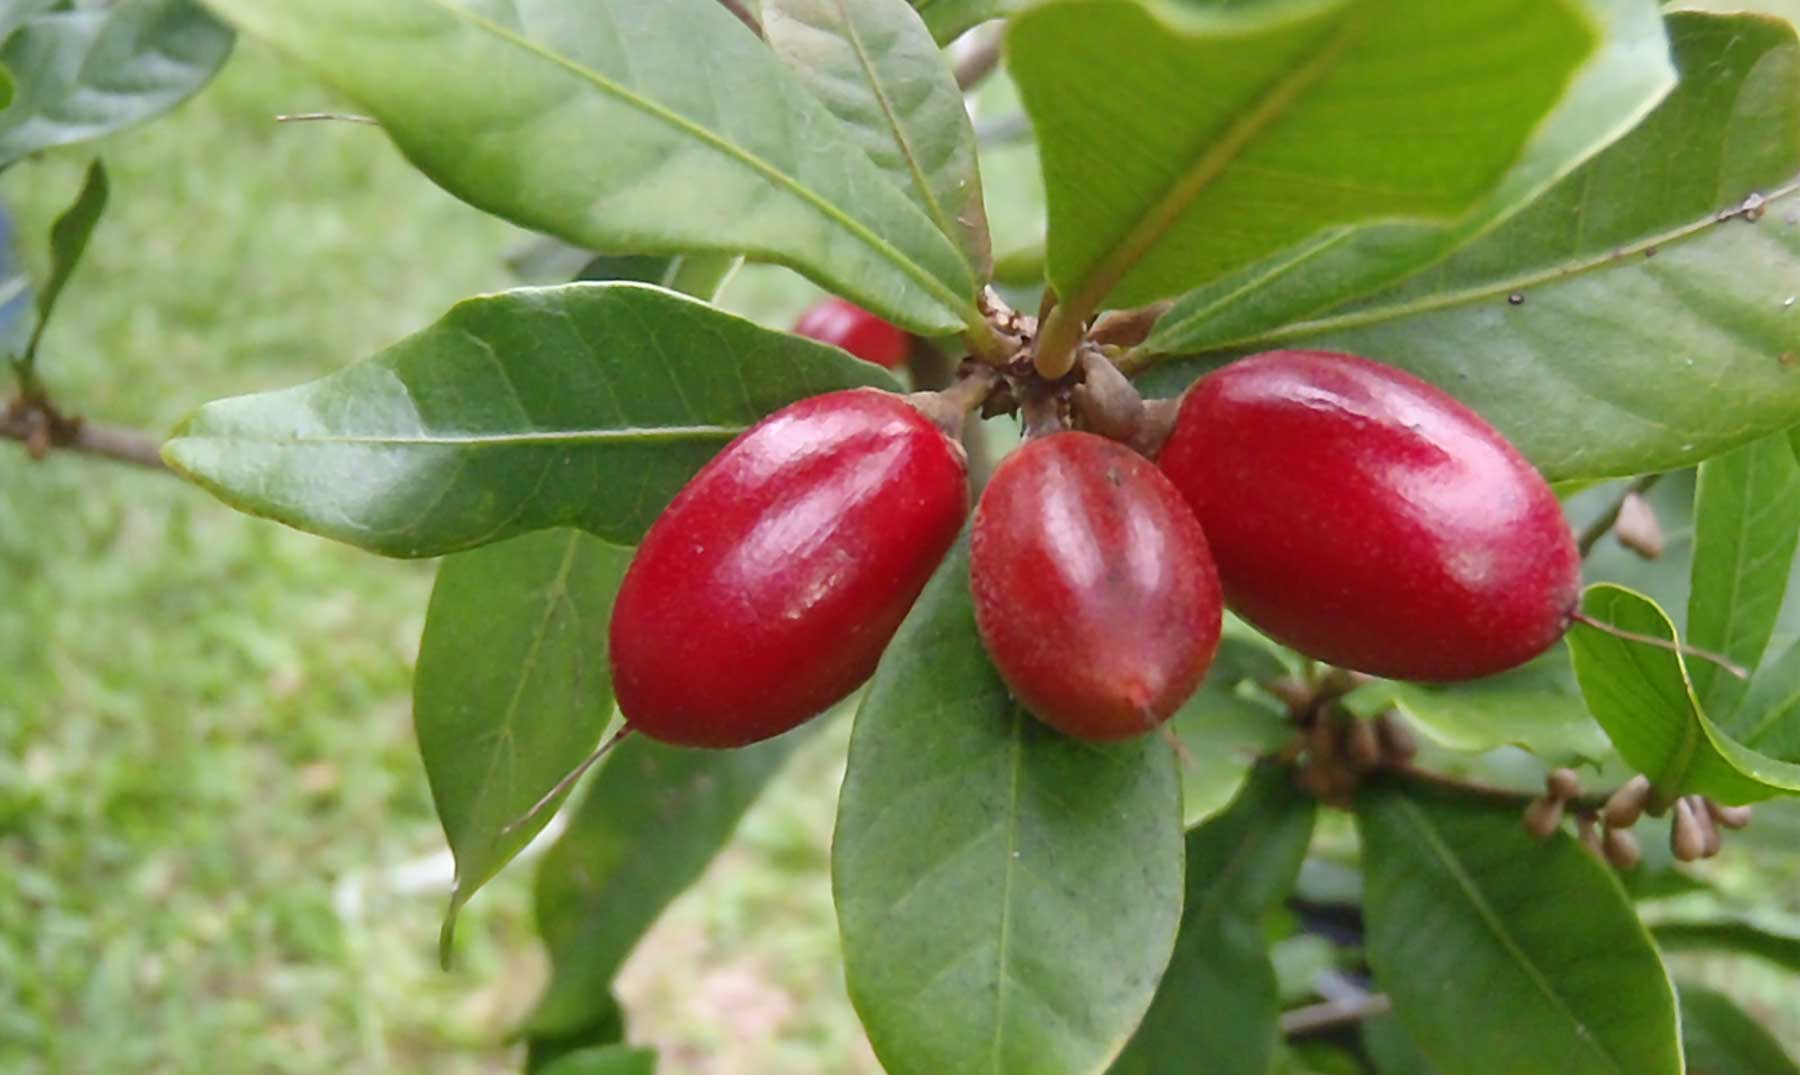 La fruta mágica que vuelve dulce lo ácido y amargo